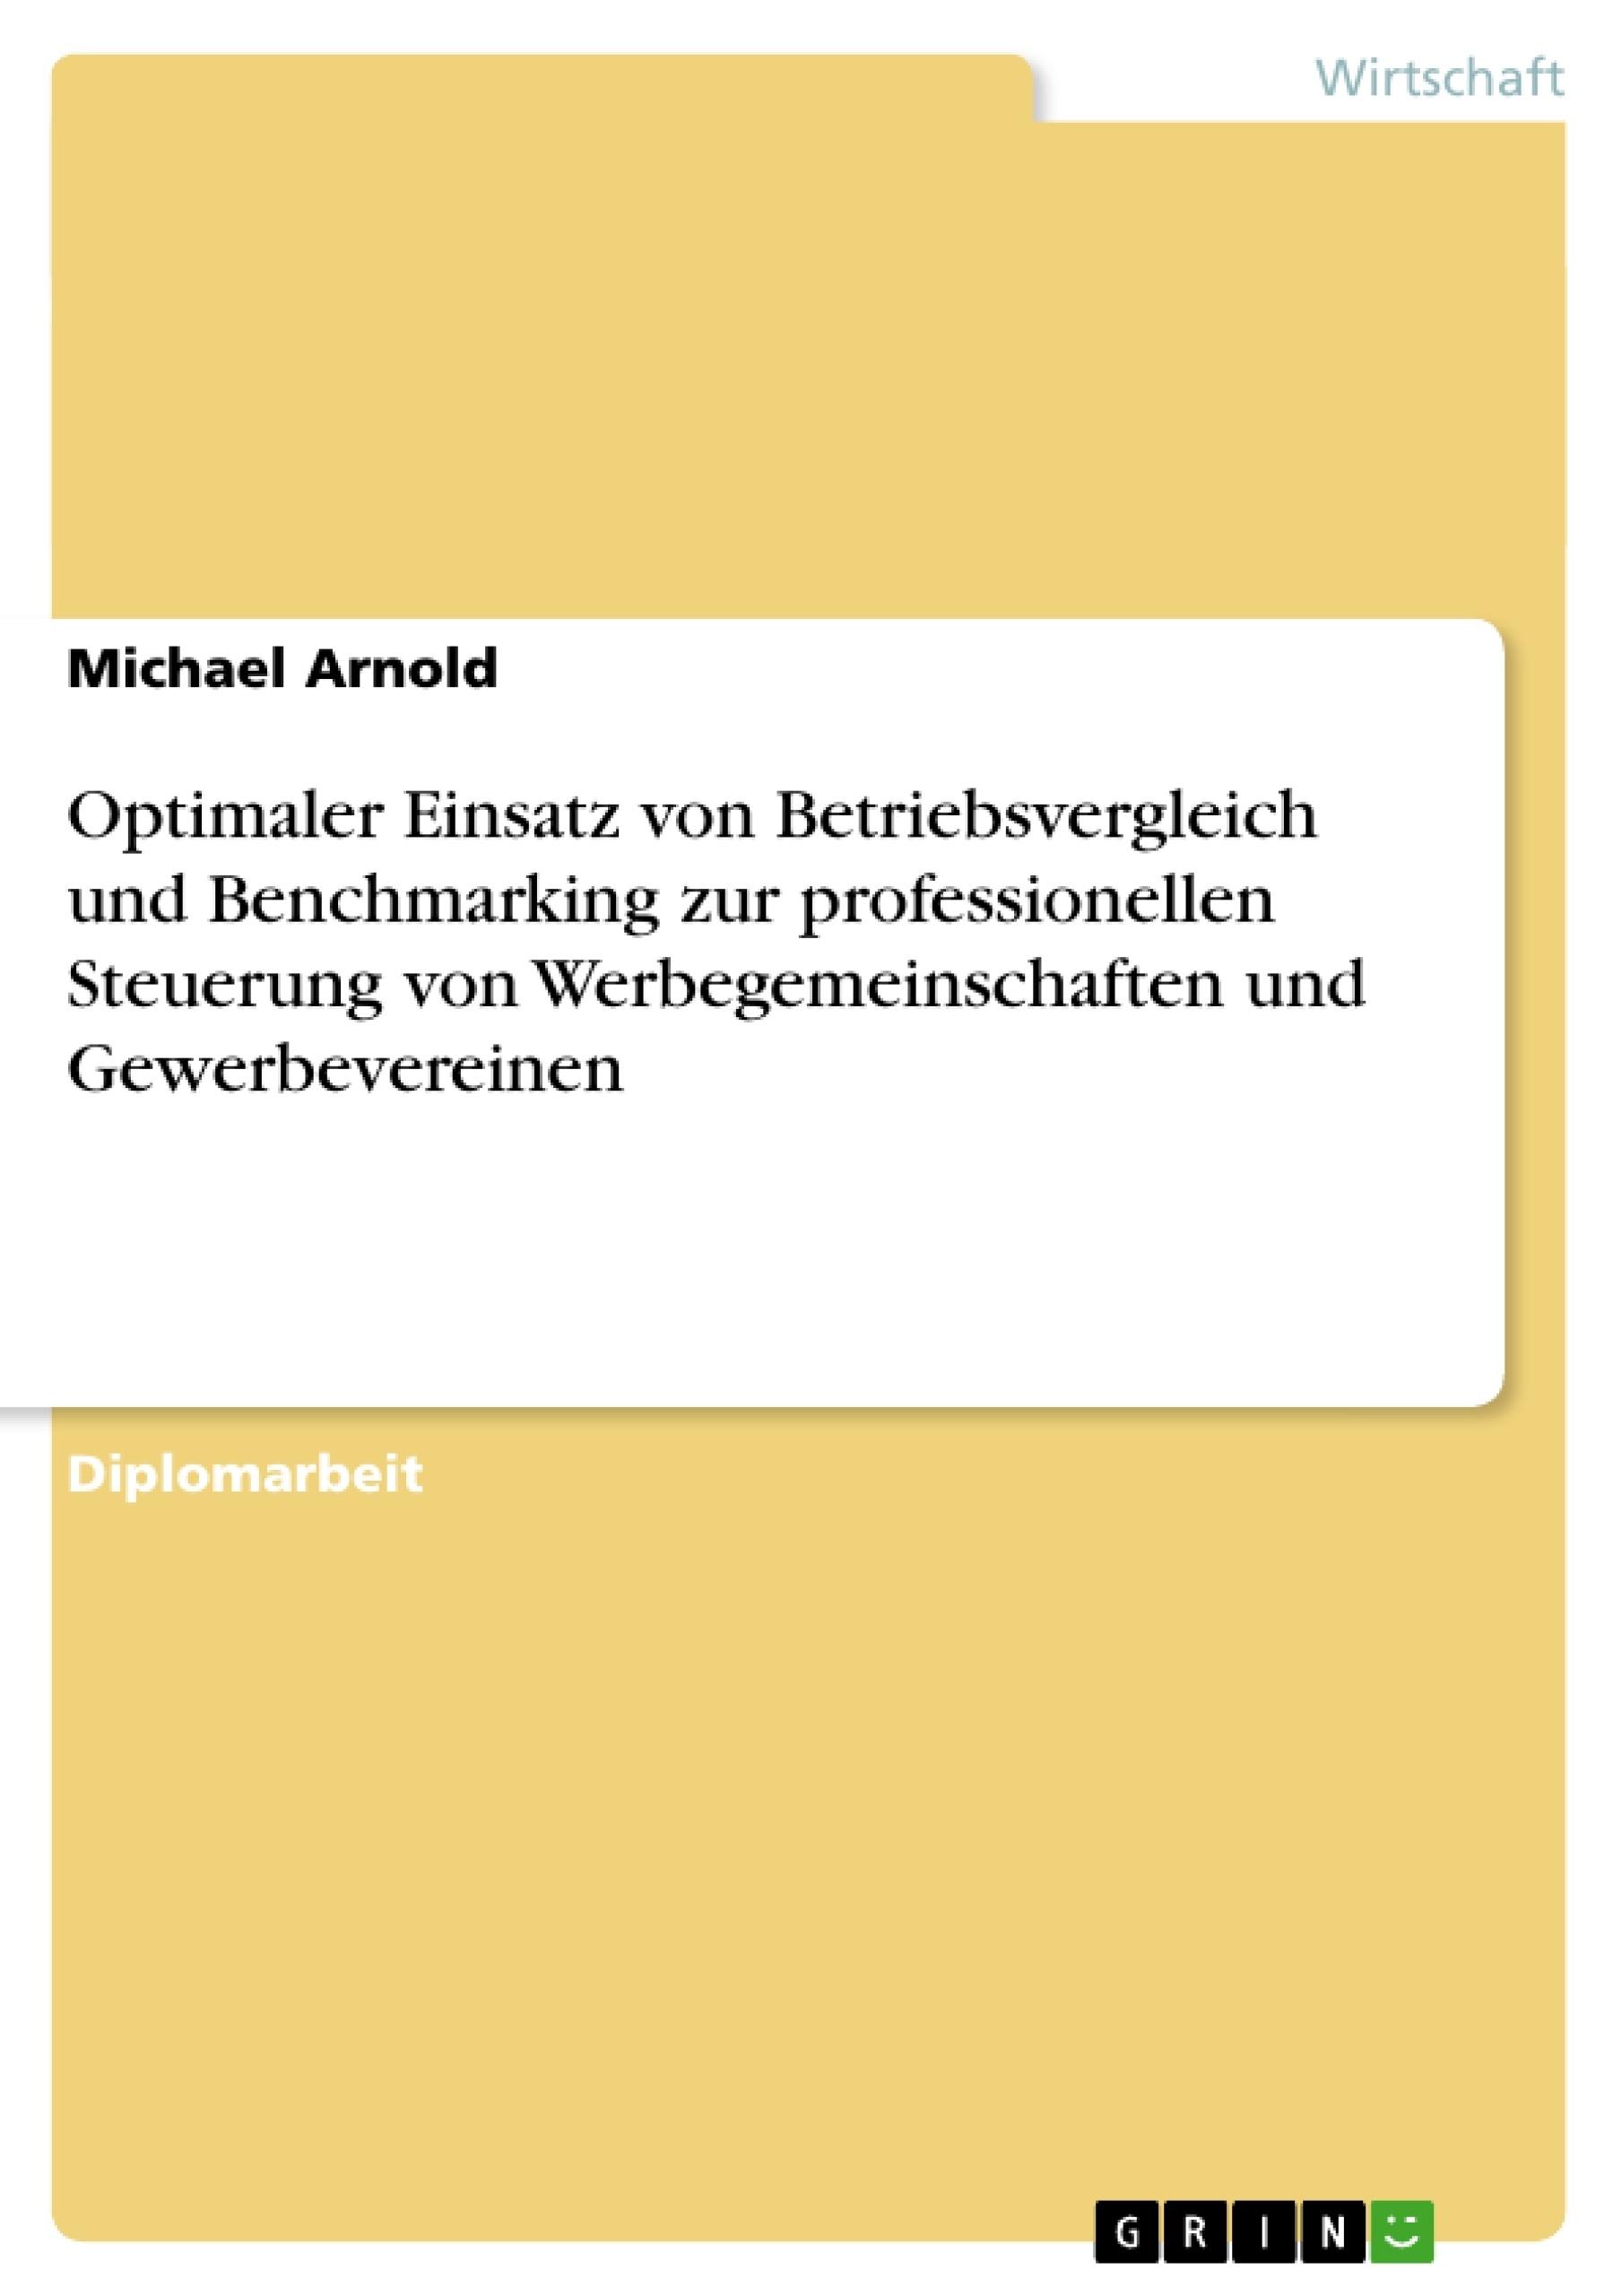 Titel: Optimaler Einsatz von Betriebsvergleich und Benchmarking zur professionellen Steuerung von Werbegemeinschaften und Gewerbevereinen